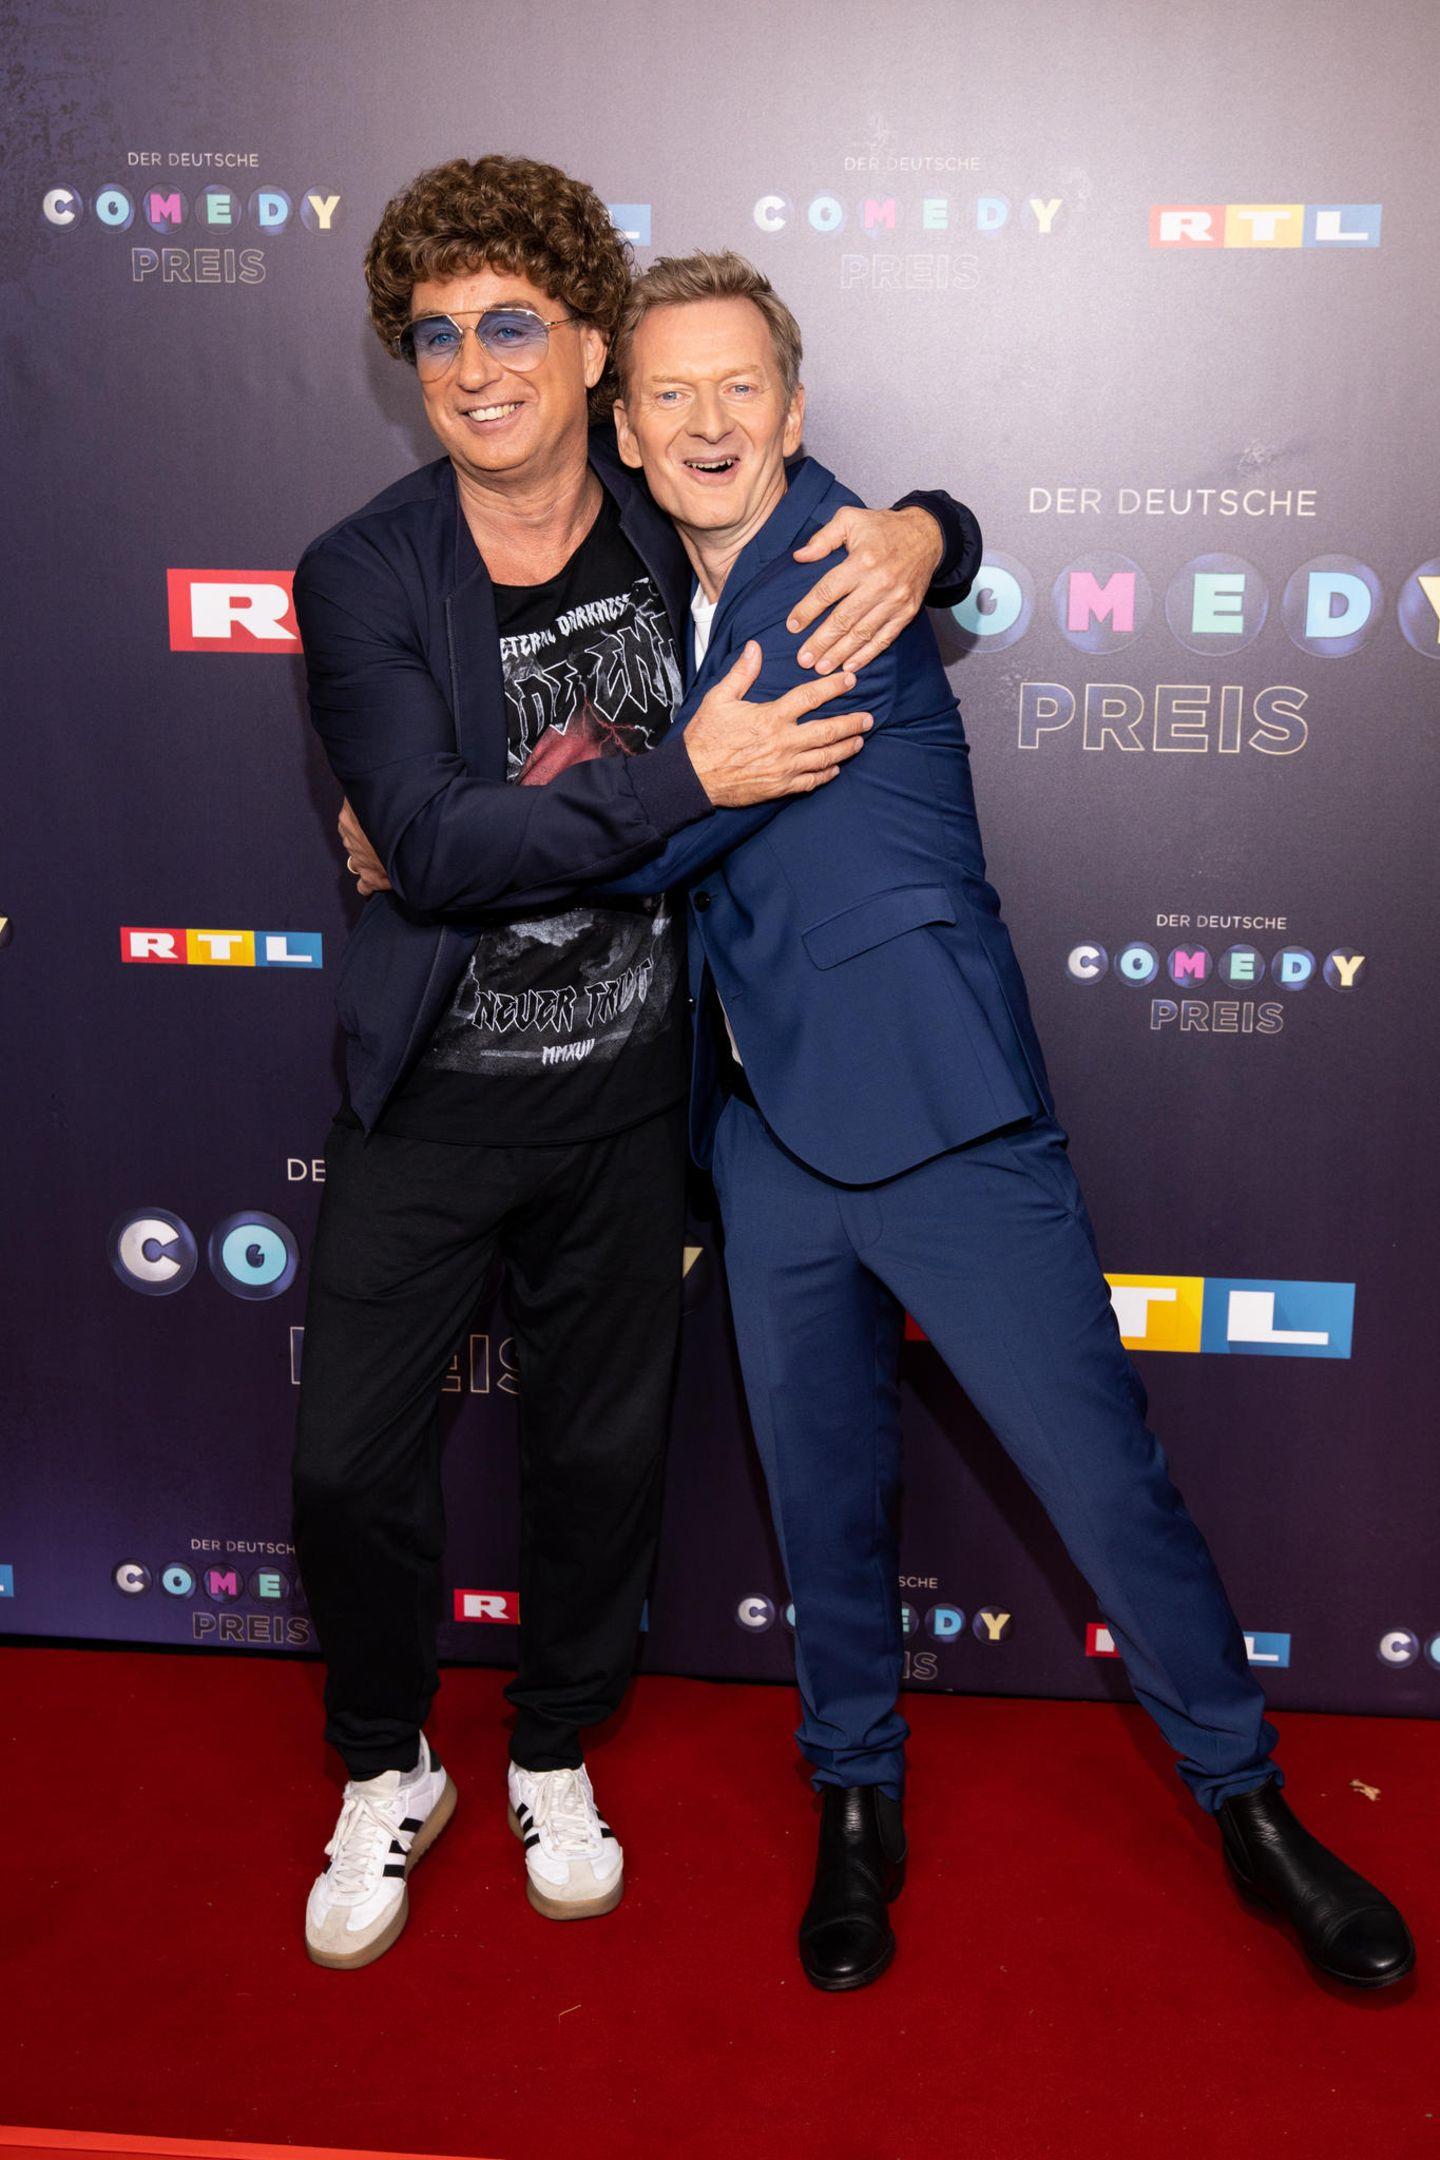 Zwei Spaß-Kollegen, die sich gern haben:Atze Schröder und Michael Kessler